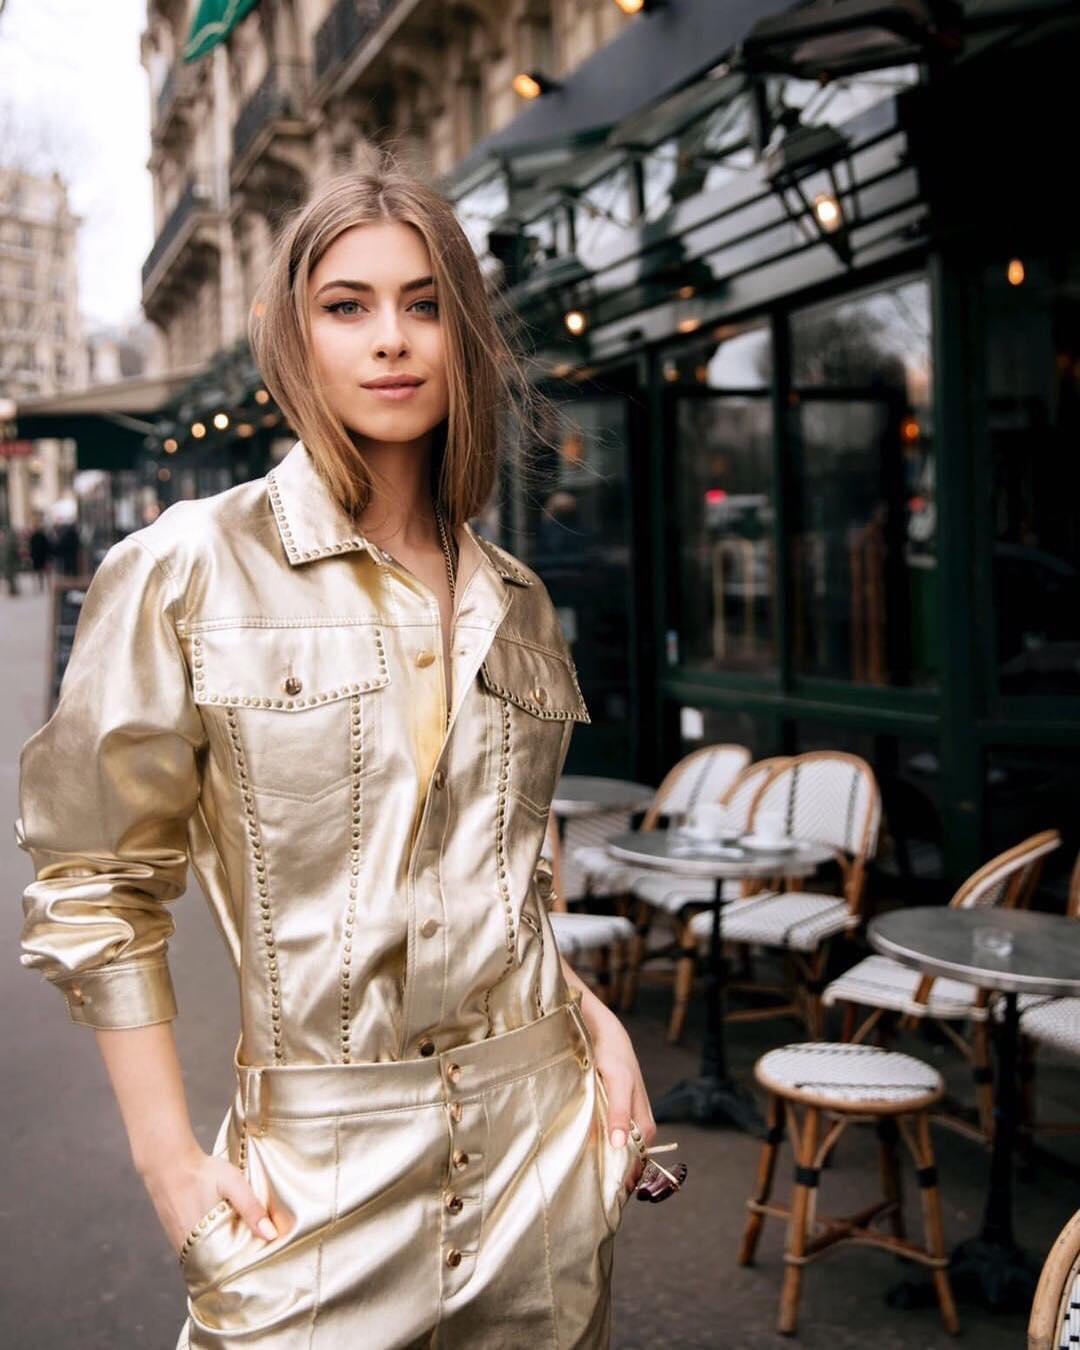 Внучка Софії Ротару в наряді від українського бренду прогулялася по Парижу